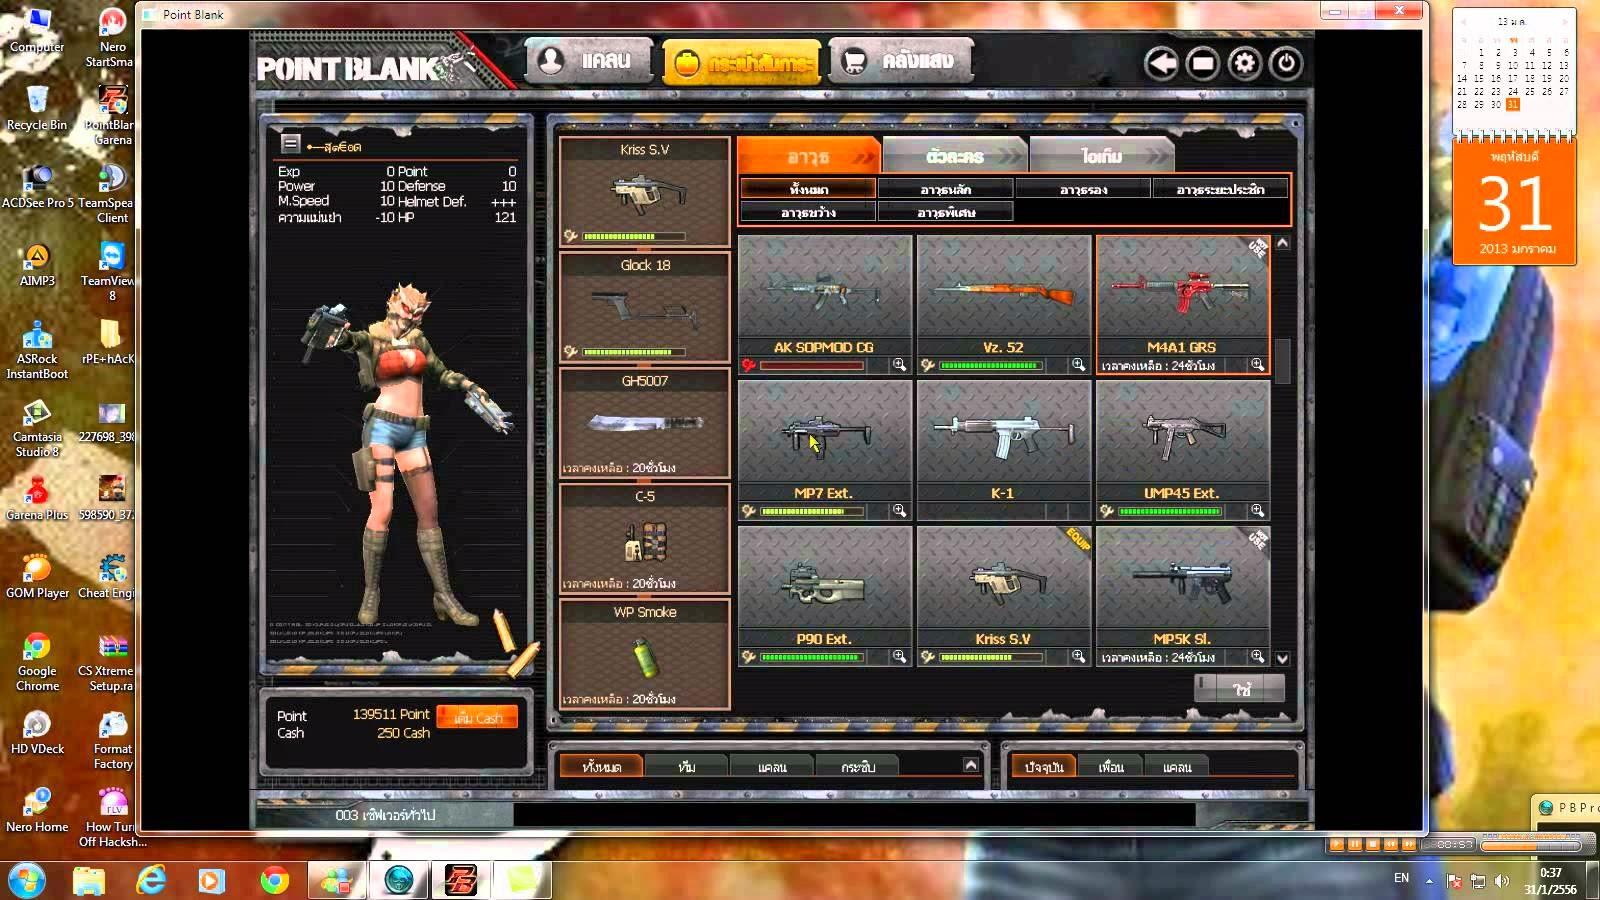 Kenapa point blank (PB) garena.com tidak bisa dimainkan di indonesia